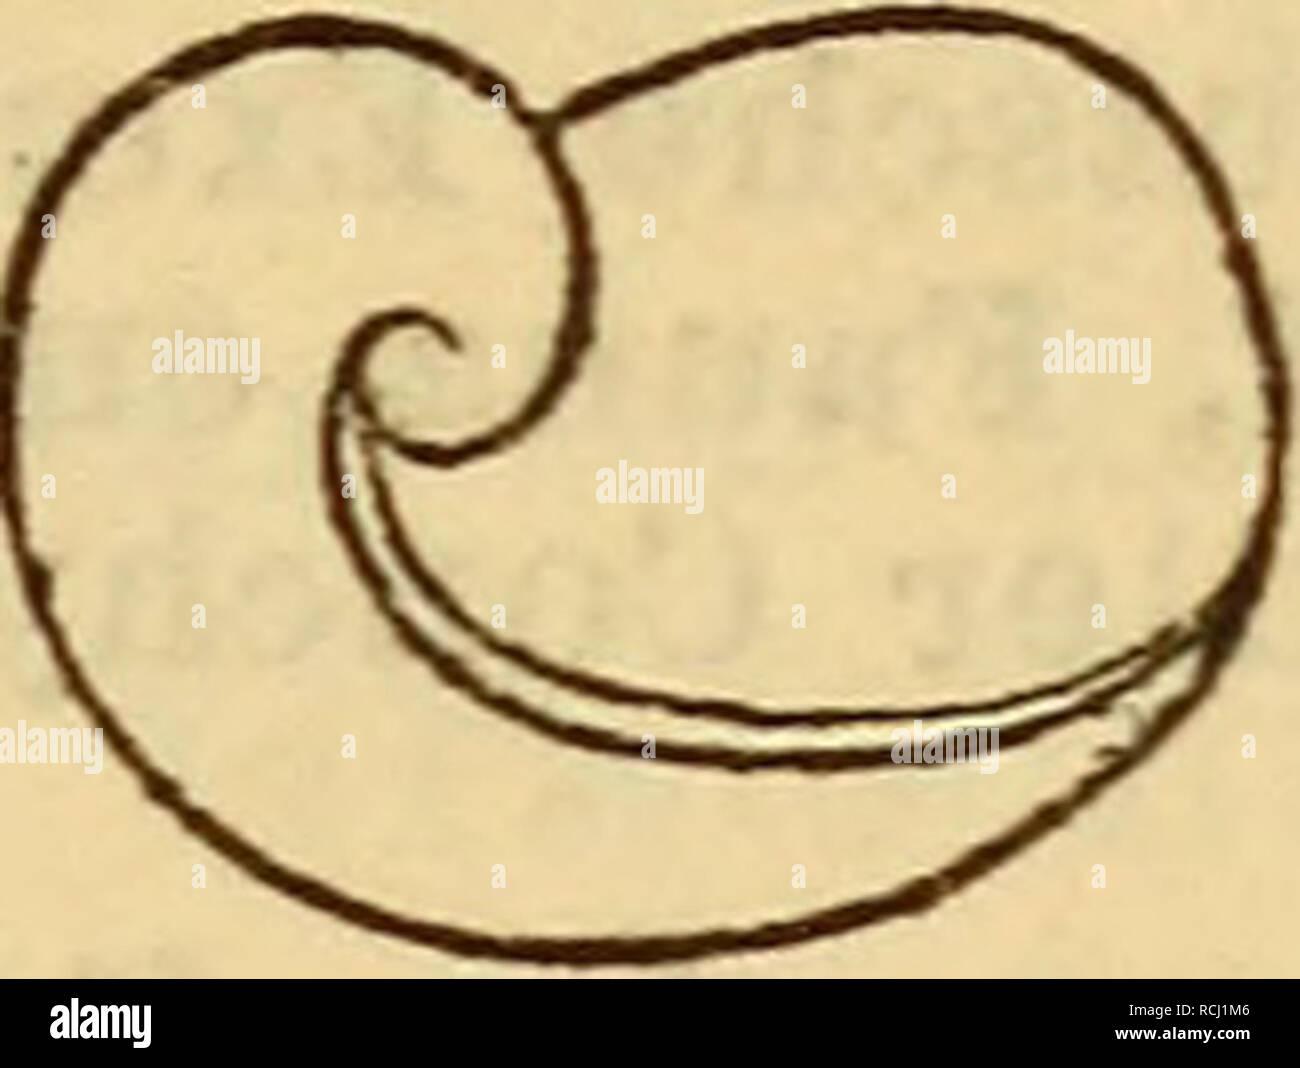 . Die Mollusken-Fauna Mitteleuropa. Muscheln. ≪ZD Vitr. Kochi. Lge. 3,2 mm., Br. 2,3 mm. Verbreitung: bei Patschkau in Schlesien und in der Steiermark. Bemerkung. Die Kunst schliesst sich ein vitr. Char - pentieri, sterben jedoch mehr zu V. diaphana sich neigt, wäh-rend die vorstehende Art mehr V. pellucida streift, welche Kunst, namentlich der schmale Hautsaum erinnert! Von Vitr. Charpentieri unterscheidet sie noch das weniger ge-drückte 0,72. 7. Vitrina nivalis Charpentier. Vitrina nivalis Charpentier in Clessin Deutsche Exe. Moll. Fauna 2. Aufl. s. 74 w. 29. - Alpestris Clessin, Mal. Blät Stockfoto